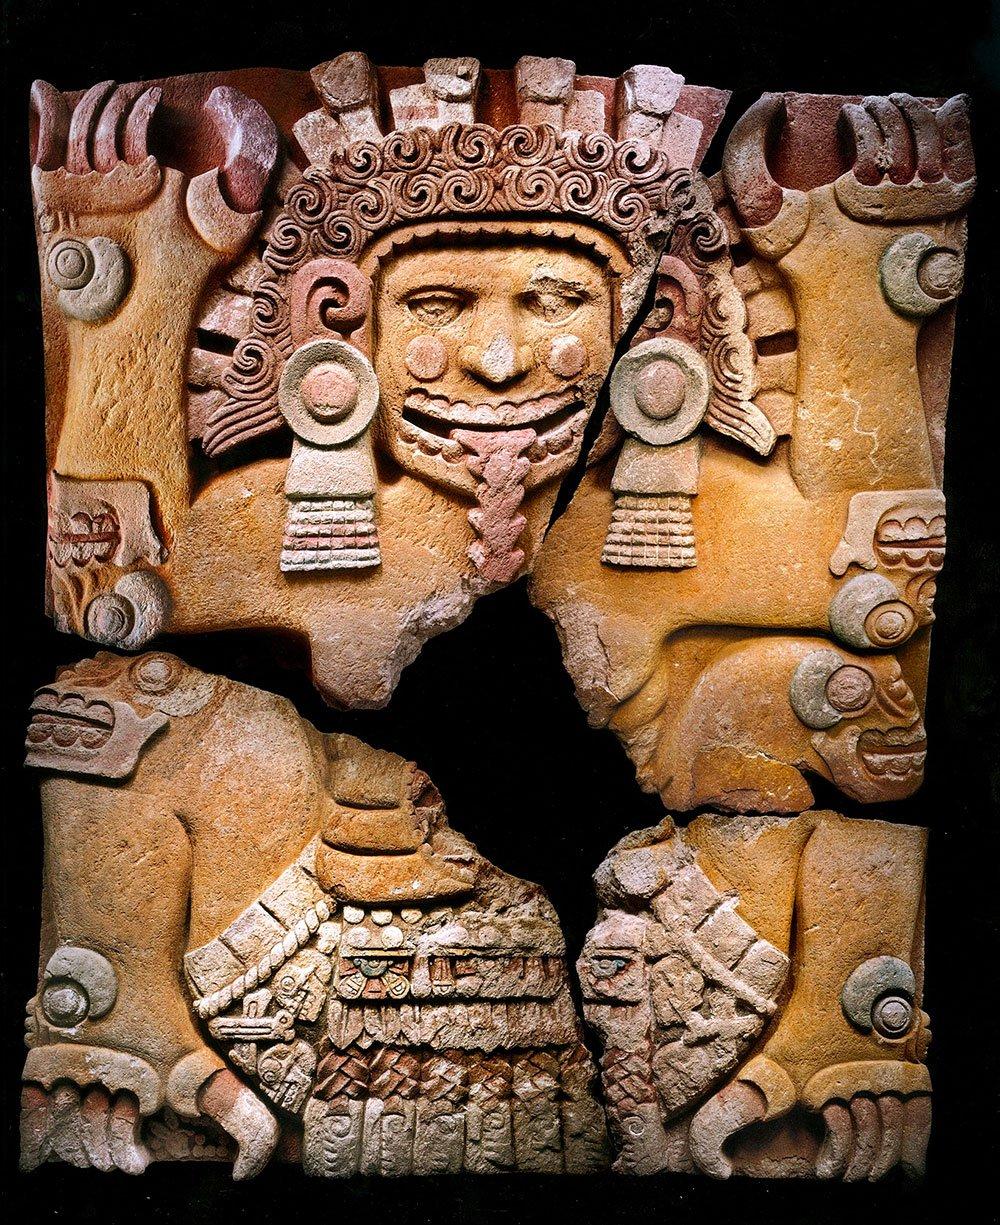 #Domingo de #Museos   Hace 10 años se dio el descubrimiento del monolito de la diosa Tlaltecuhtli en el #TemploMayor @INAHmx @MusTemploMayor https://t.co/qGeRid2KOG